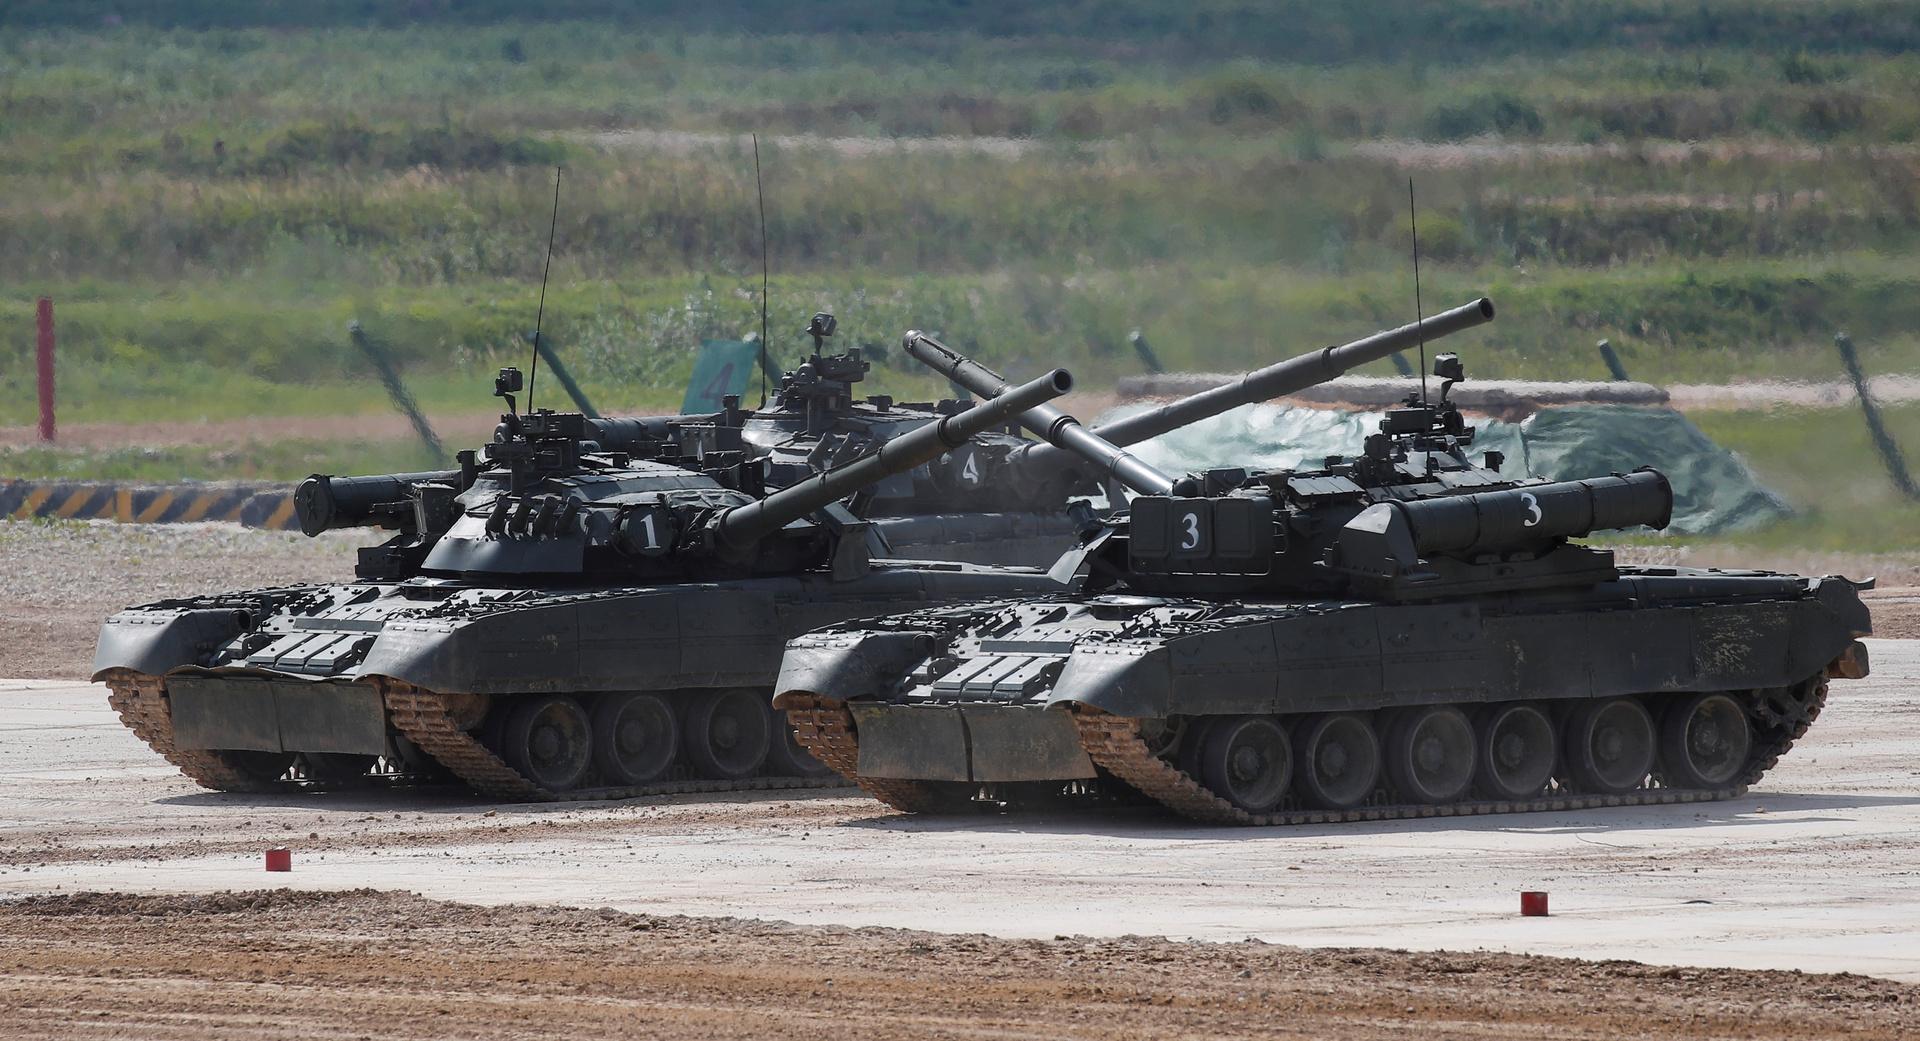 الجيش الروسي يعيد إعادة تجميع وحدات عسكرية في ميدان تدريب بالقرب من الحدود الأفغانية